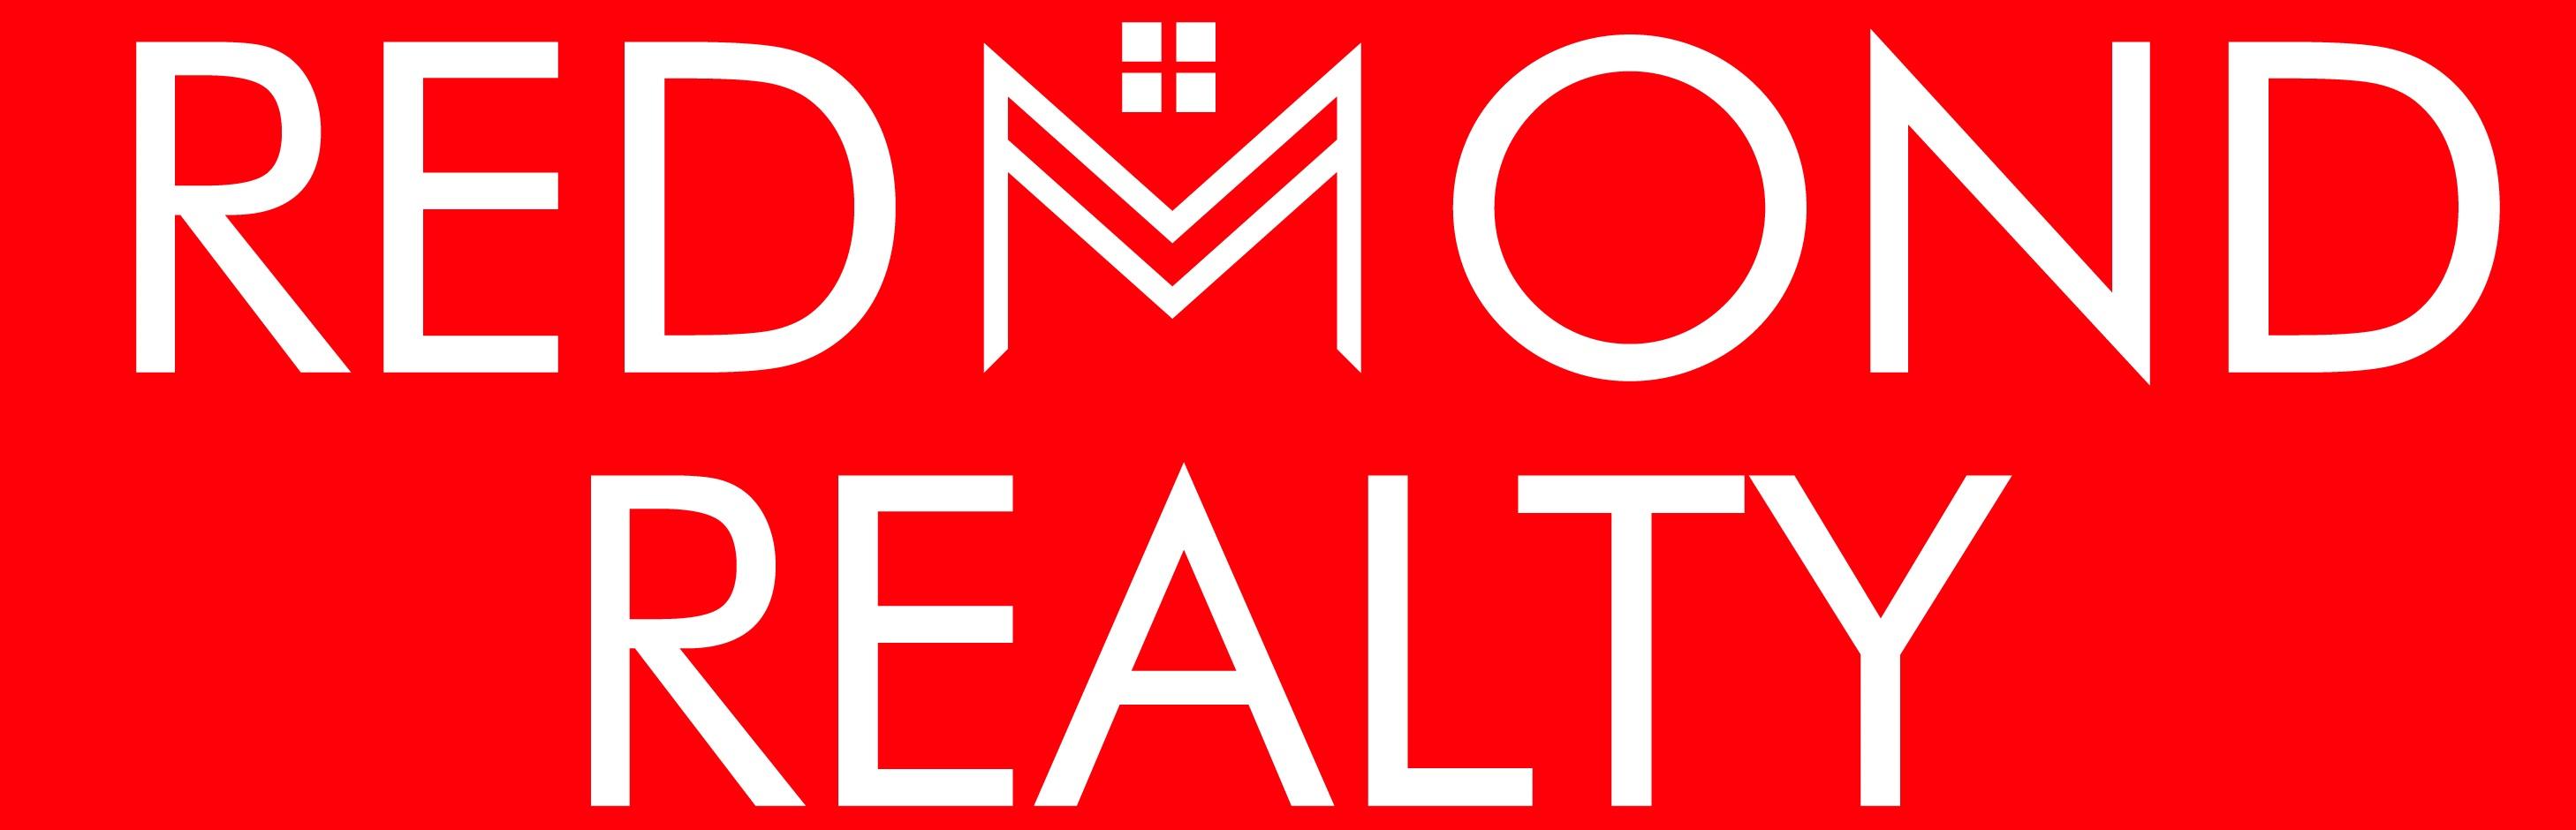 Redmond Realty, Hillarys, 6025